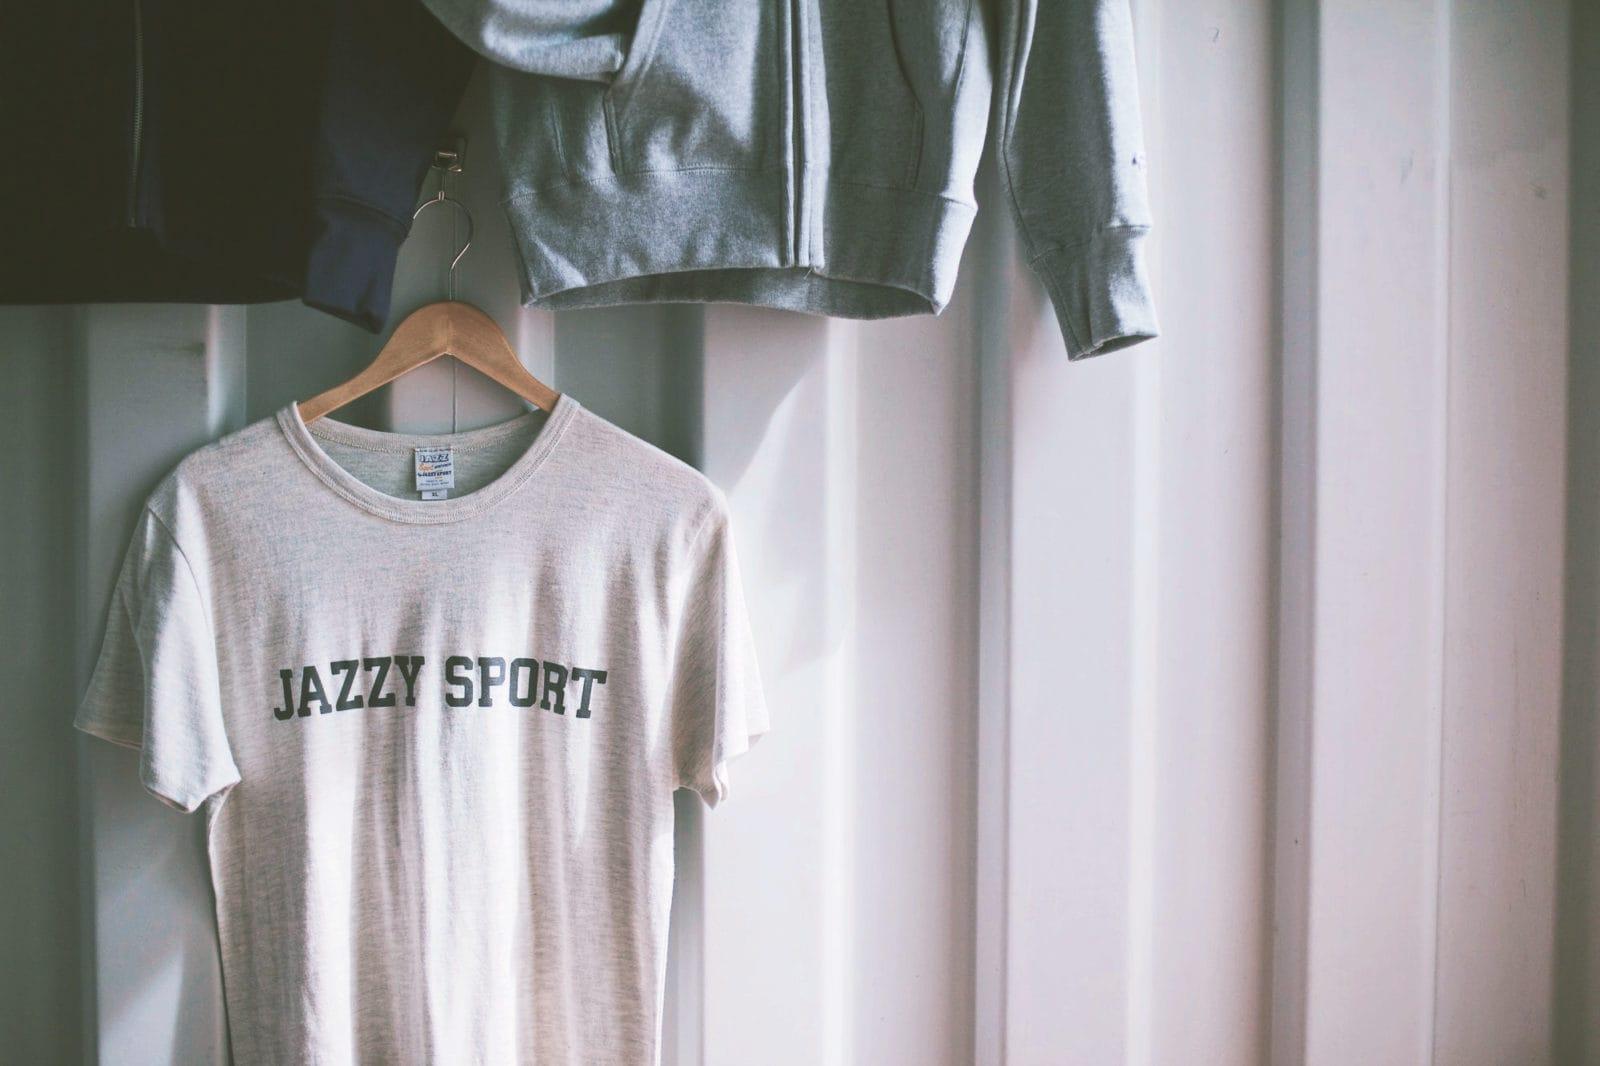 jazzy sport popup shop